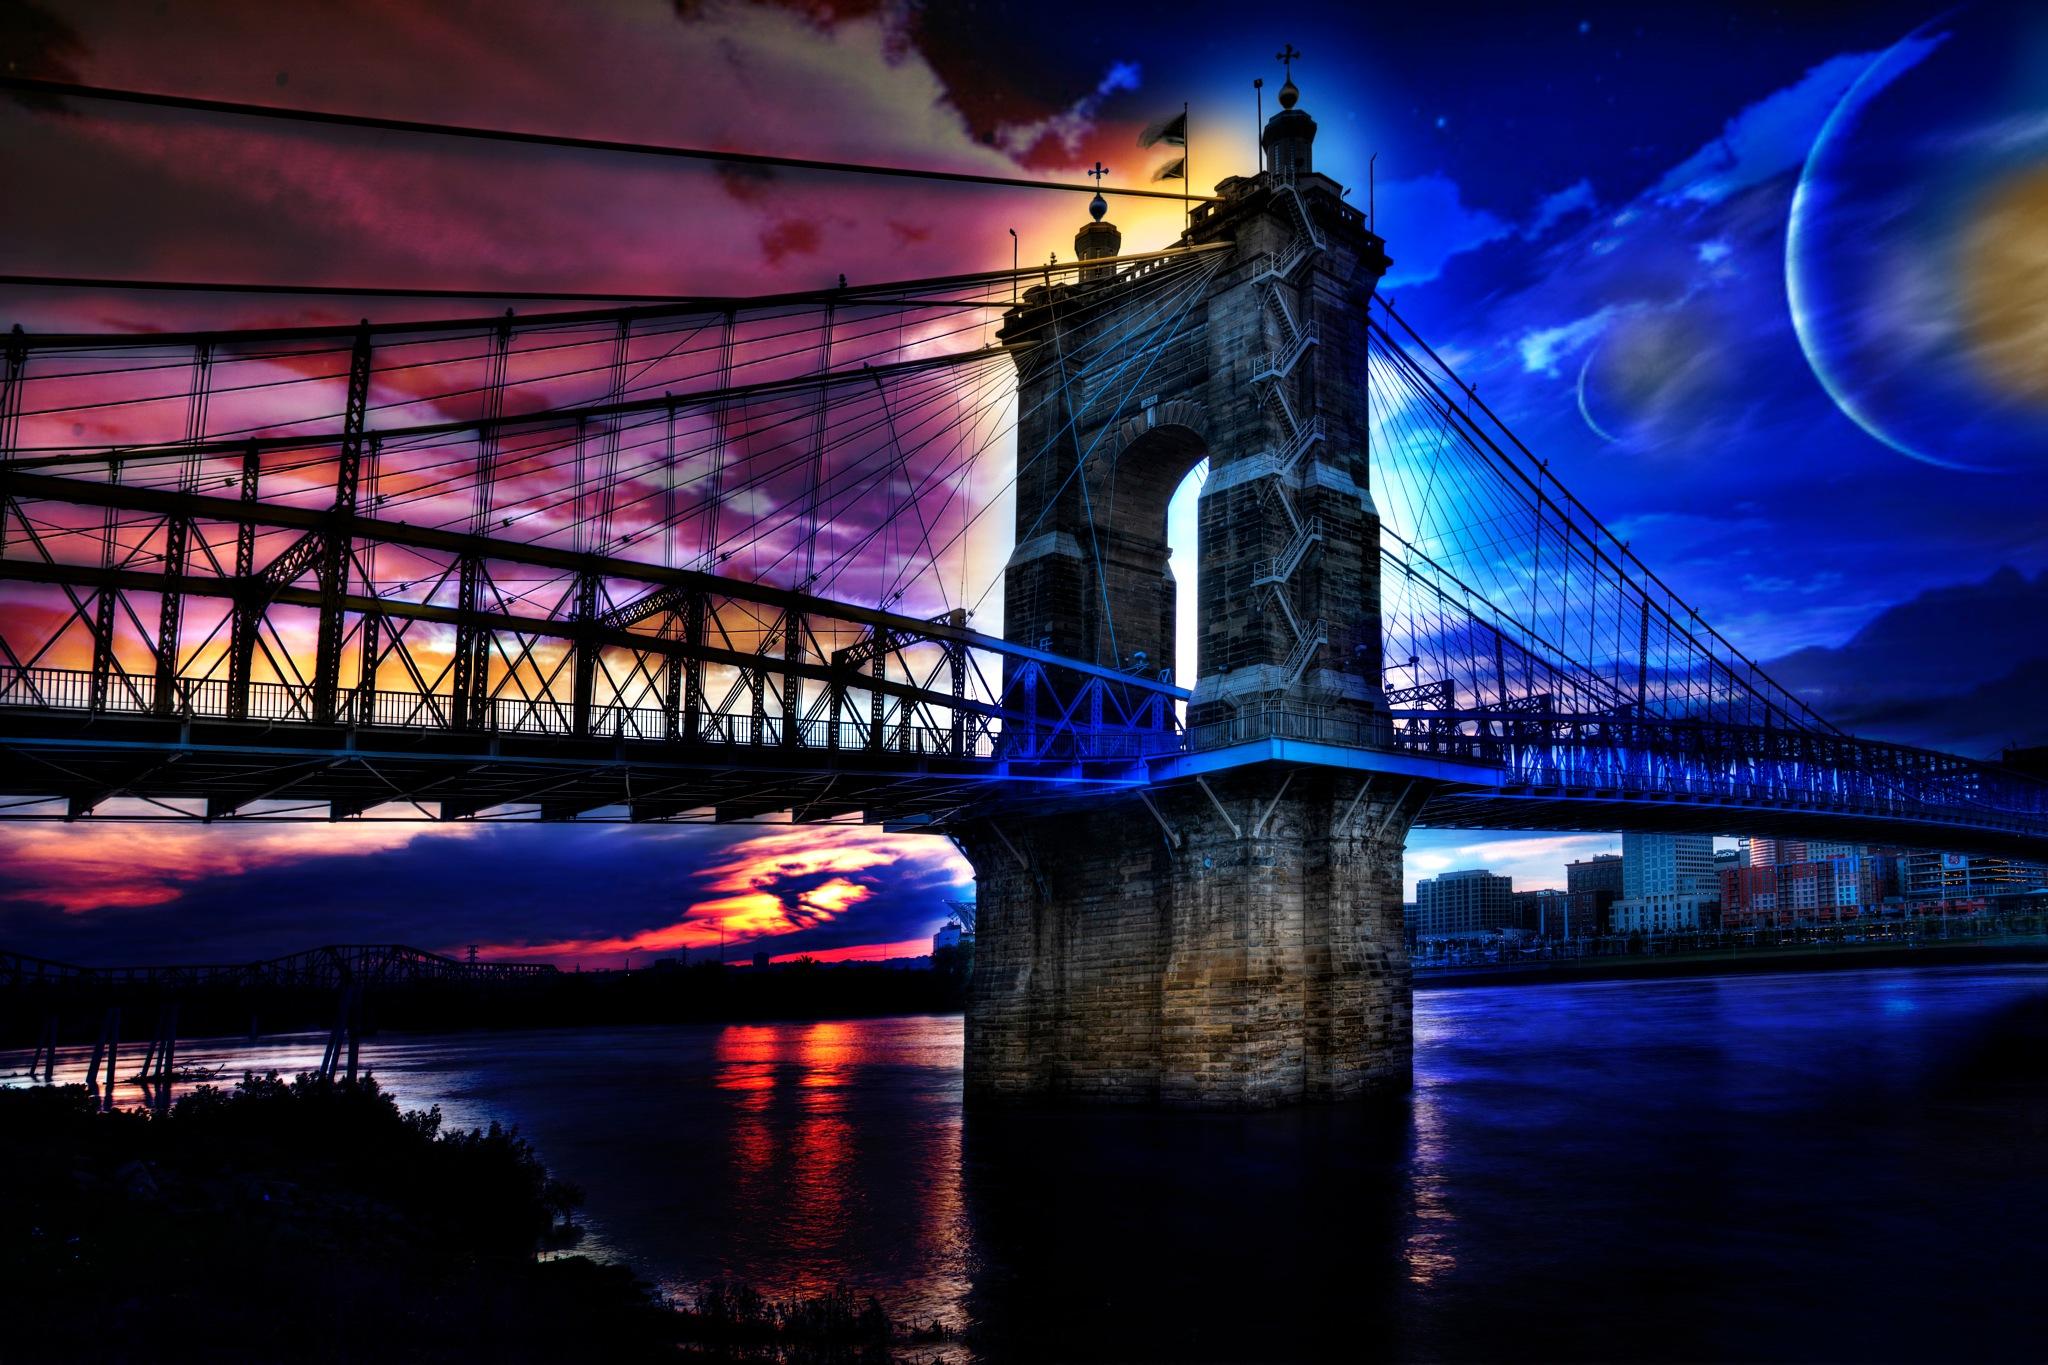 Sin City - Cincinnati Fantasy Art by AmanPhotos